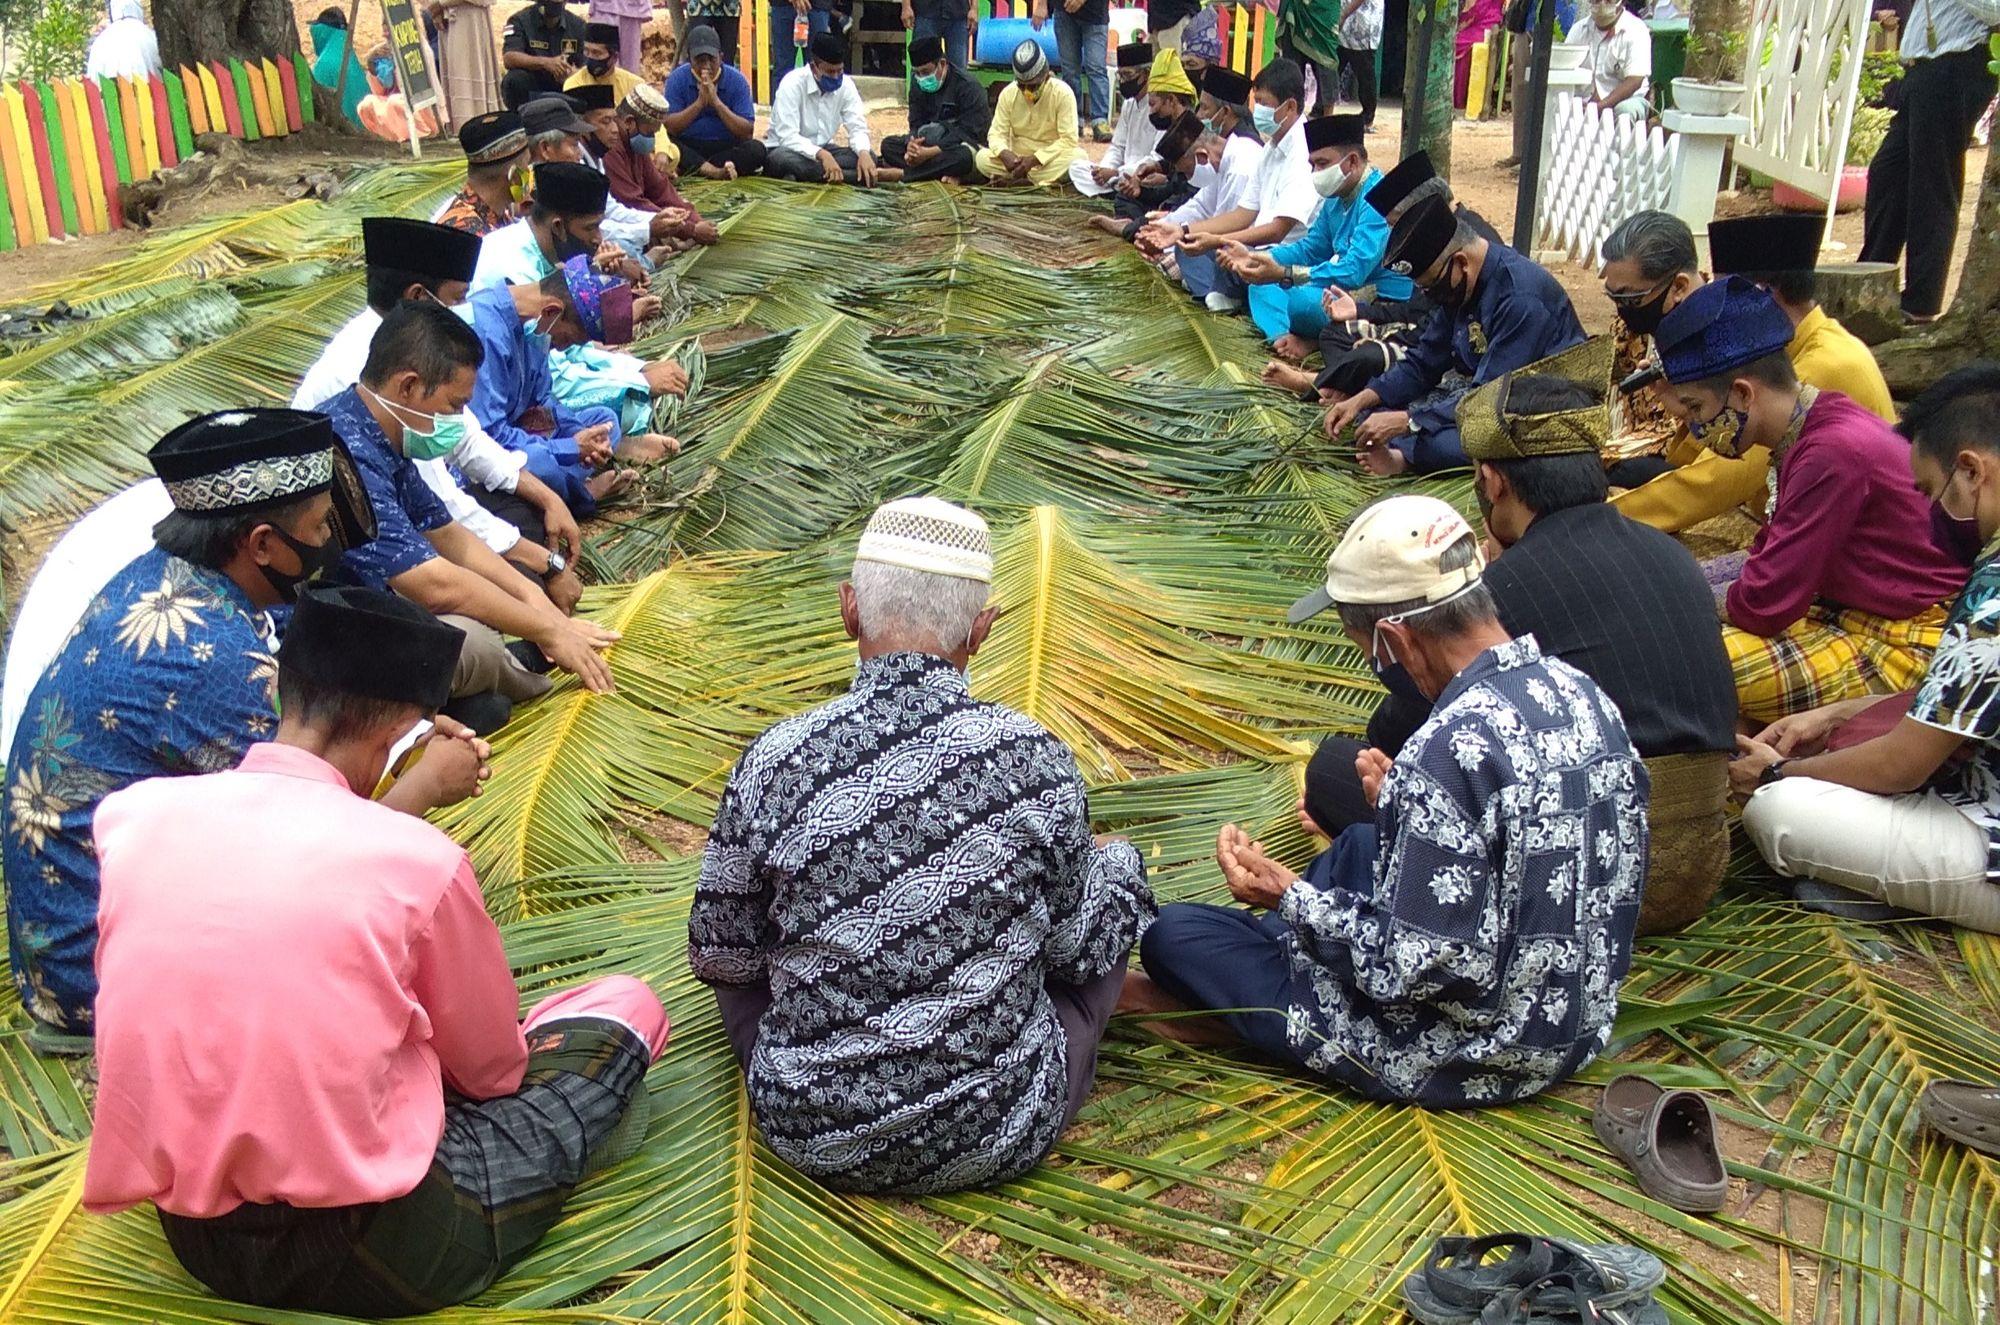 Makna Ritual Mandi Safar bagi Etnis Melayu Terih Nongsa